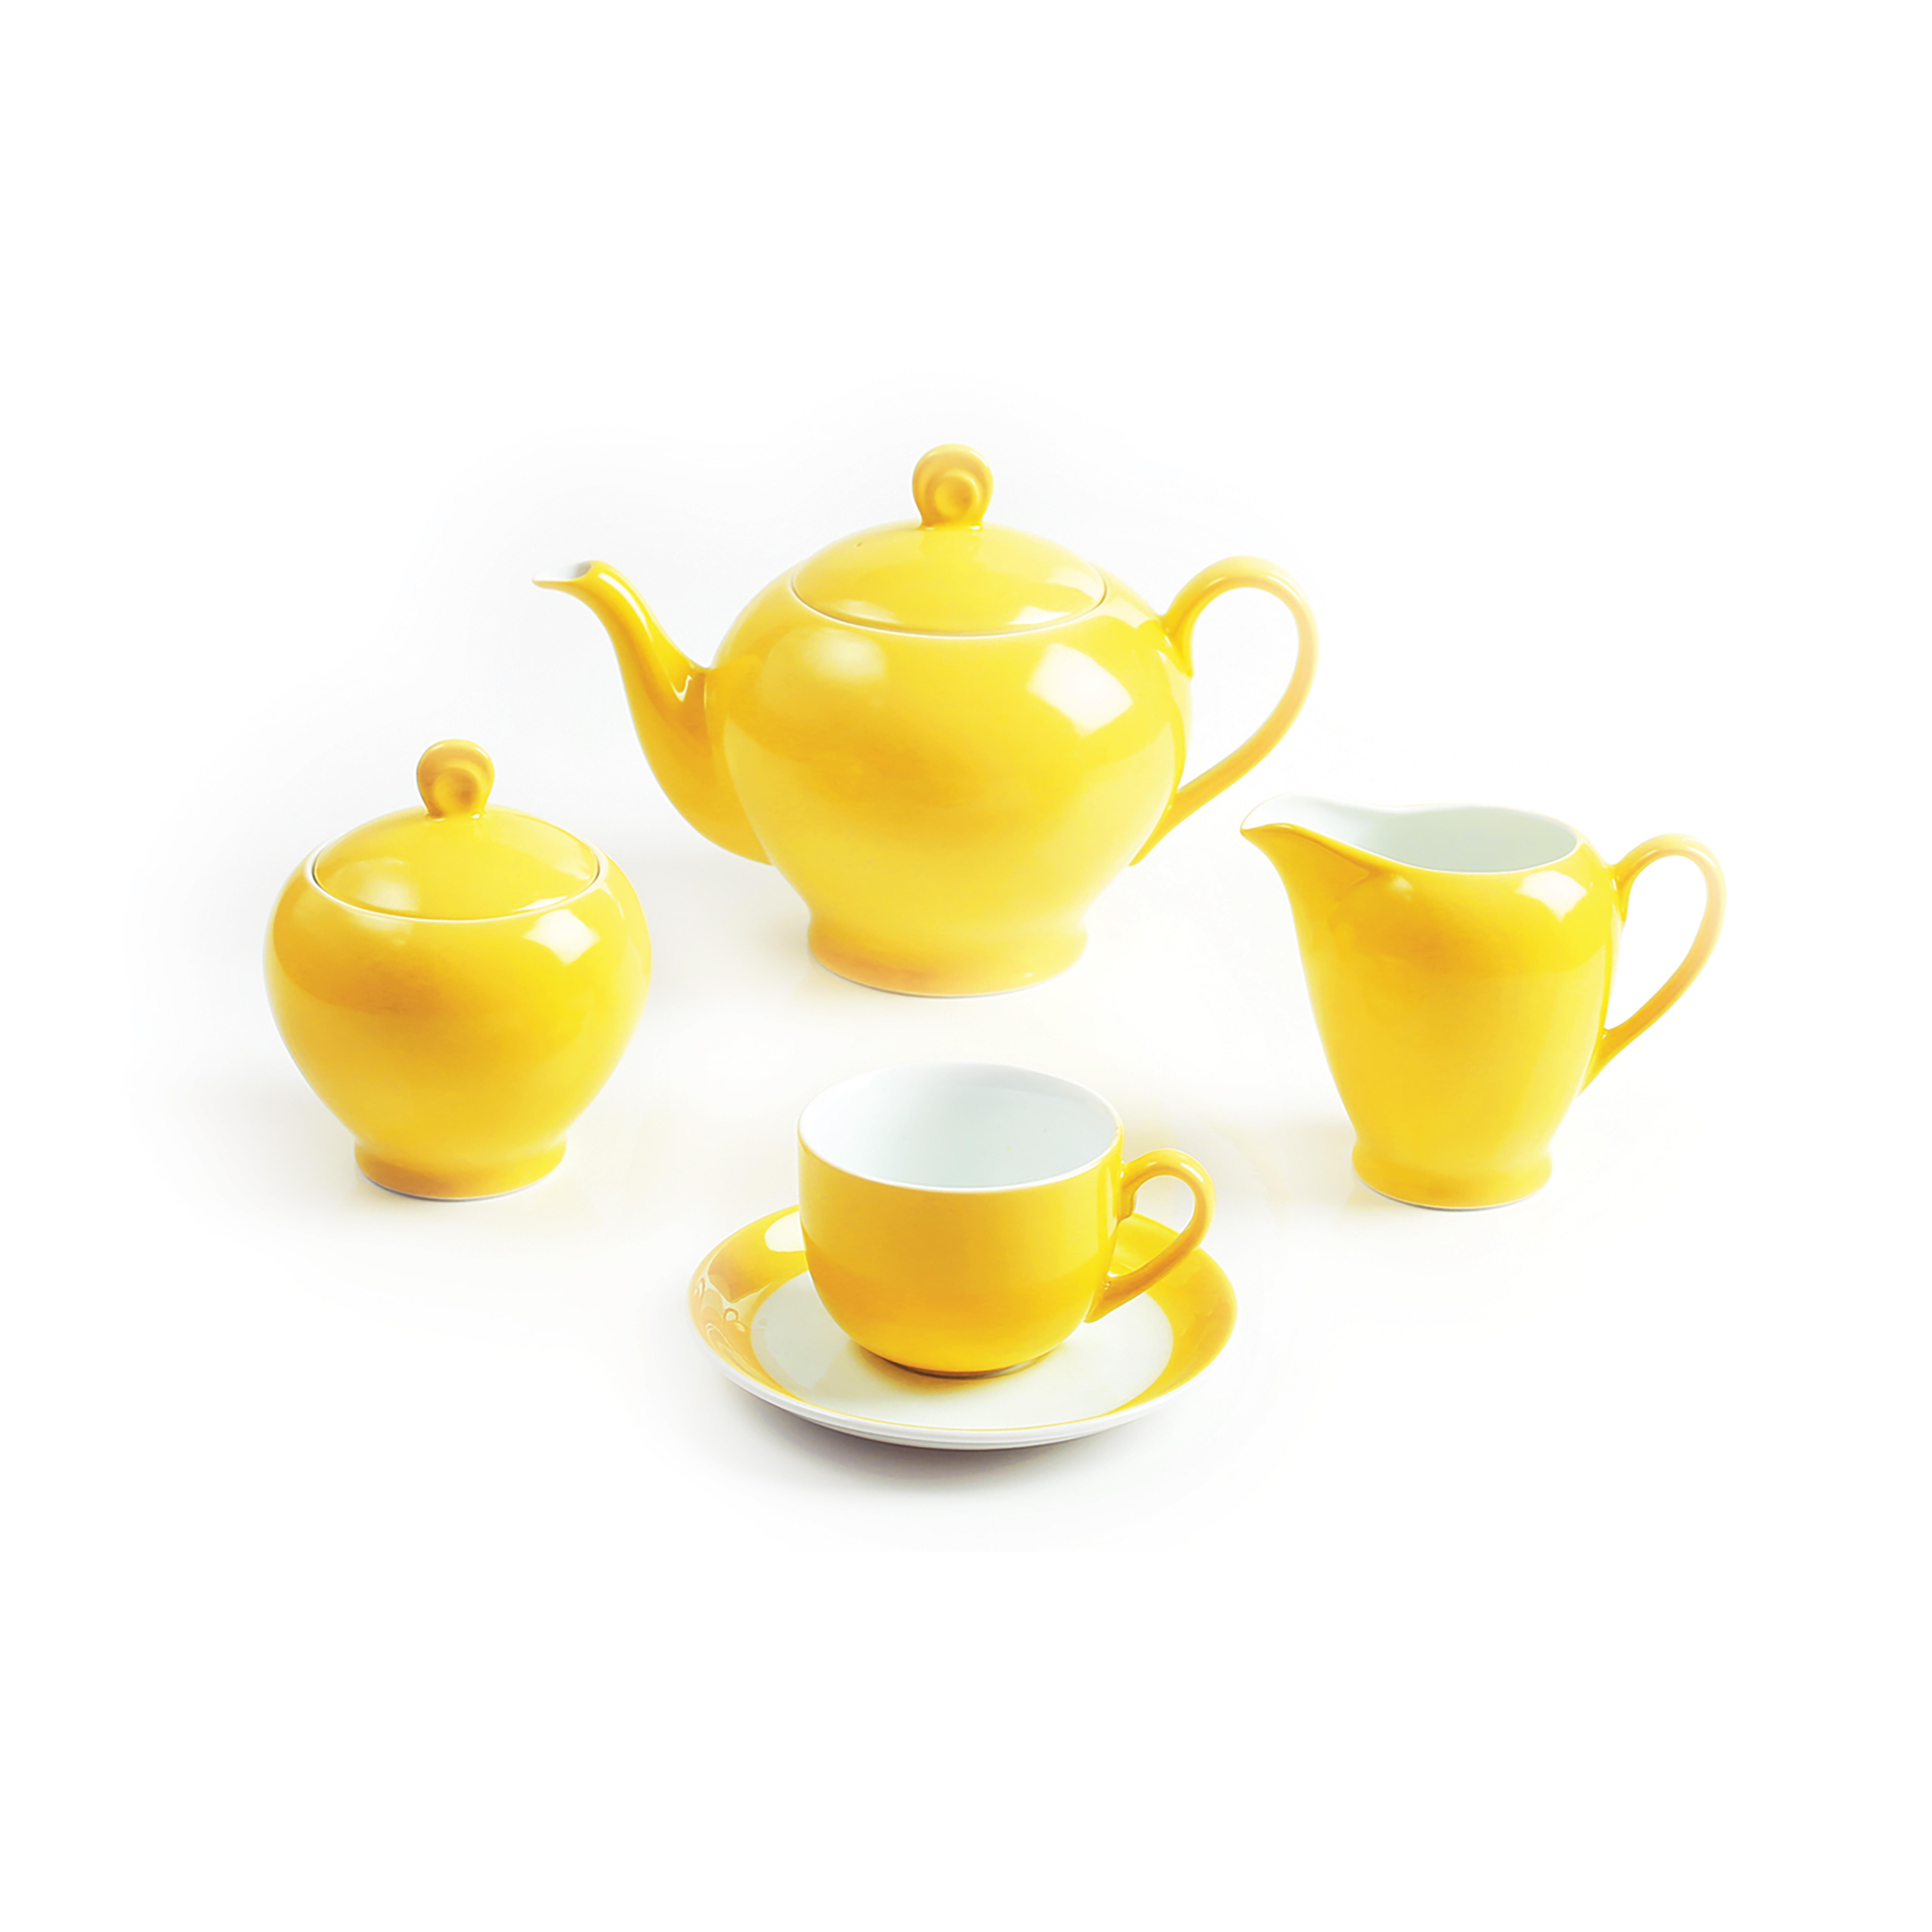 سرویس چینی 17 پارچه چای خوری آفتاب